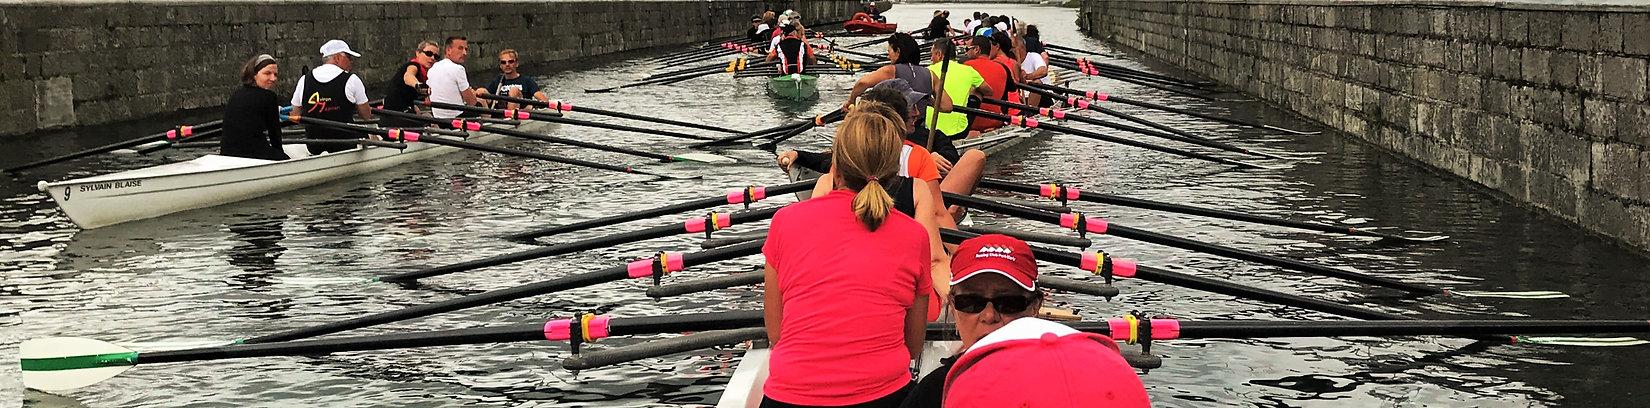 aviron, rowing, les différences de DigiLence, originalité